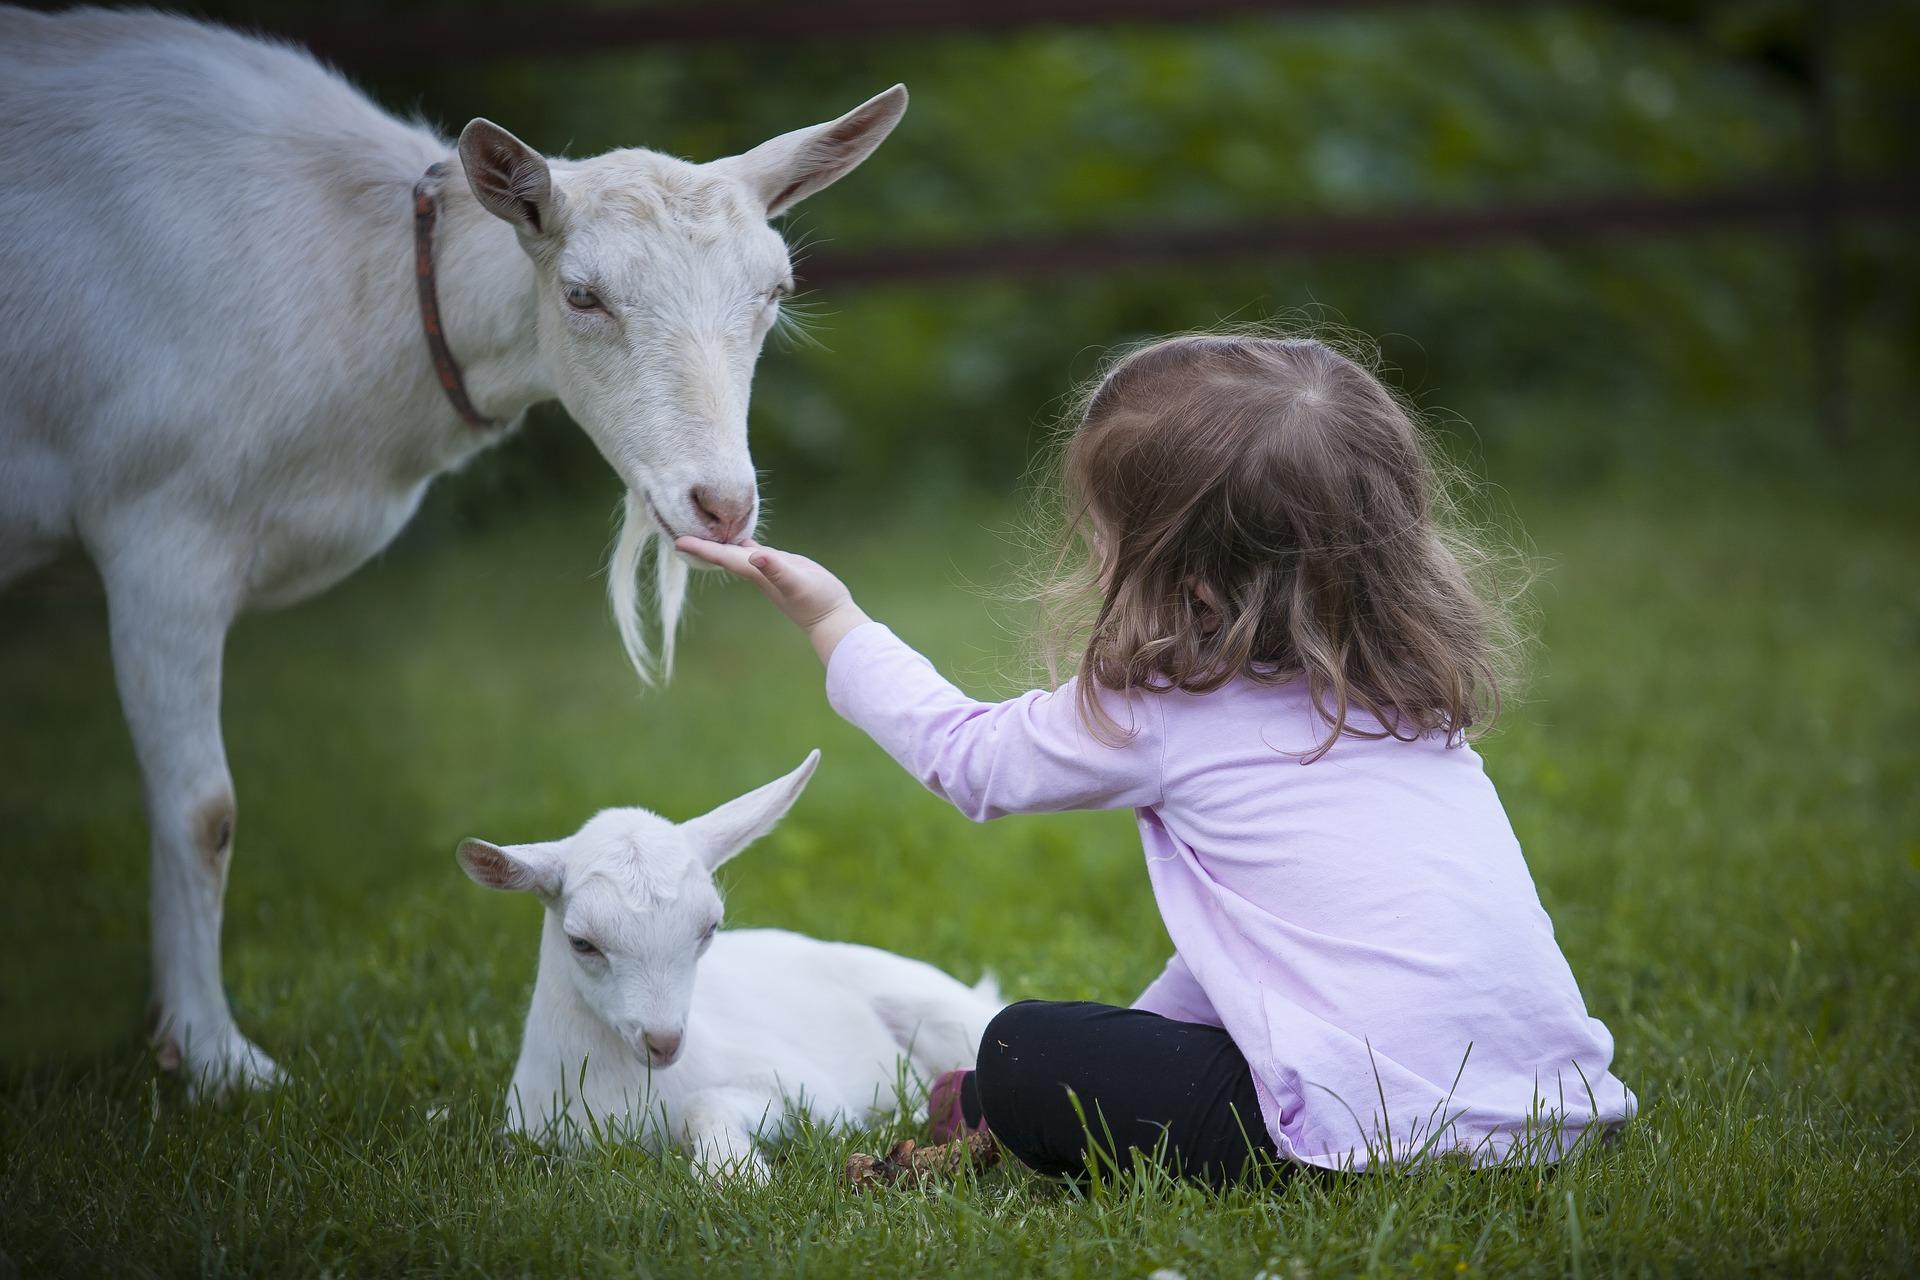 Kind streicheln Ziege